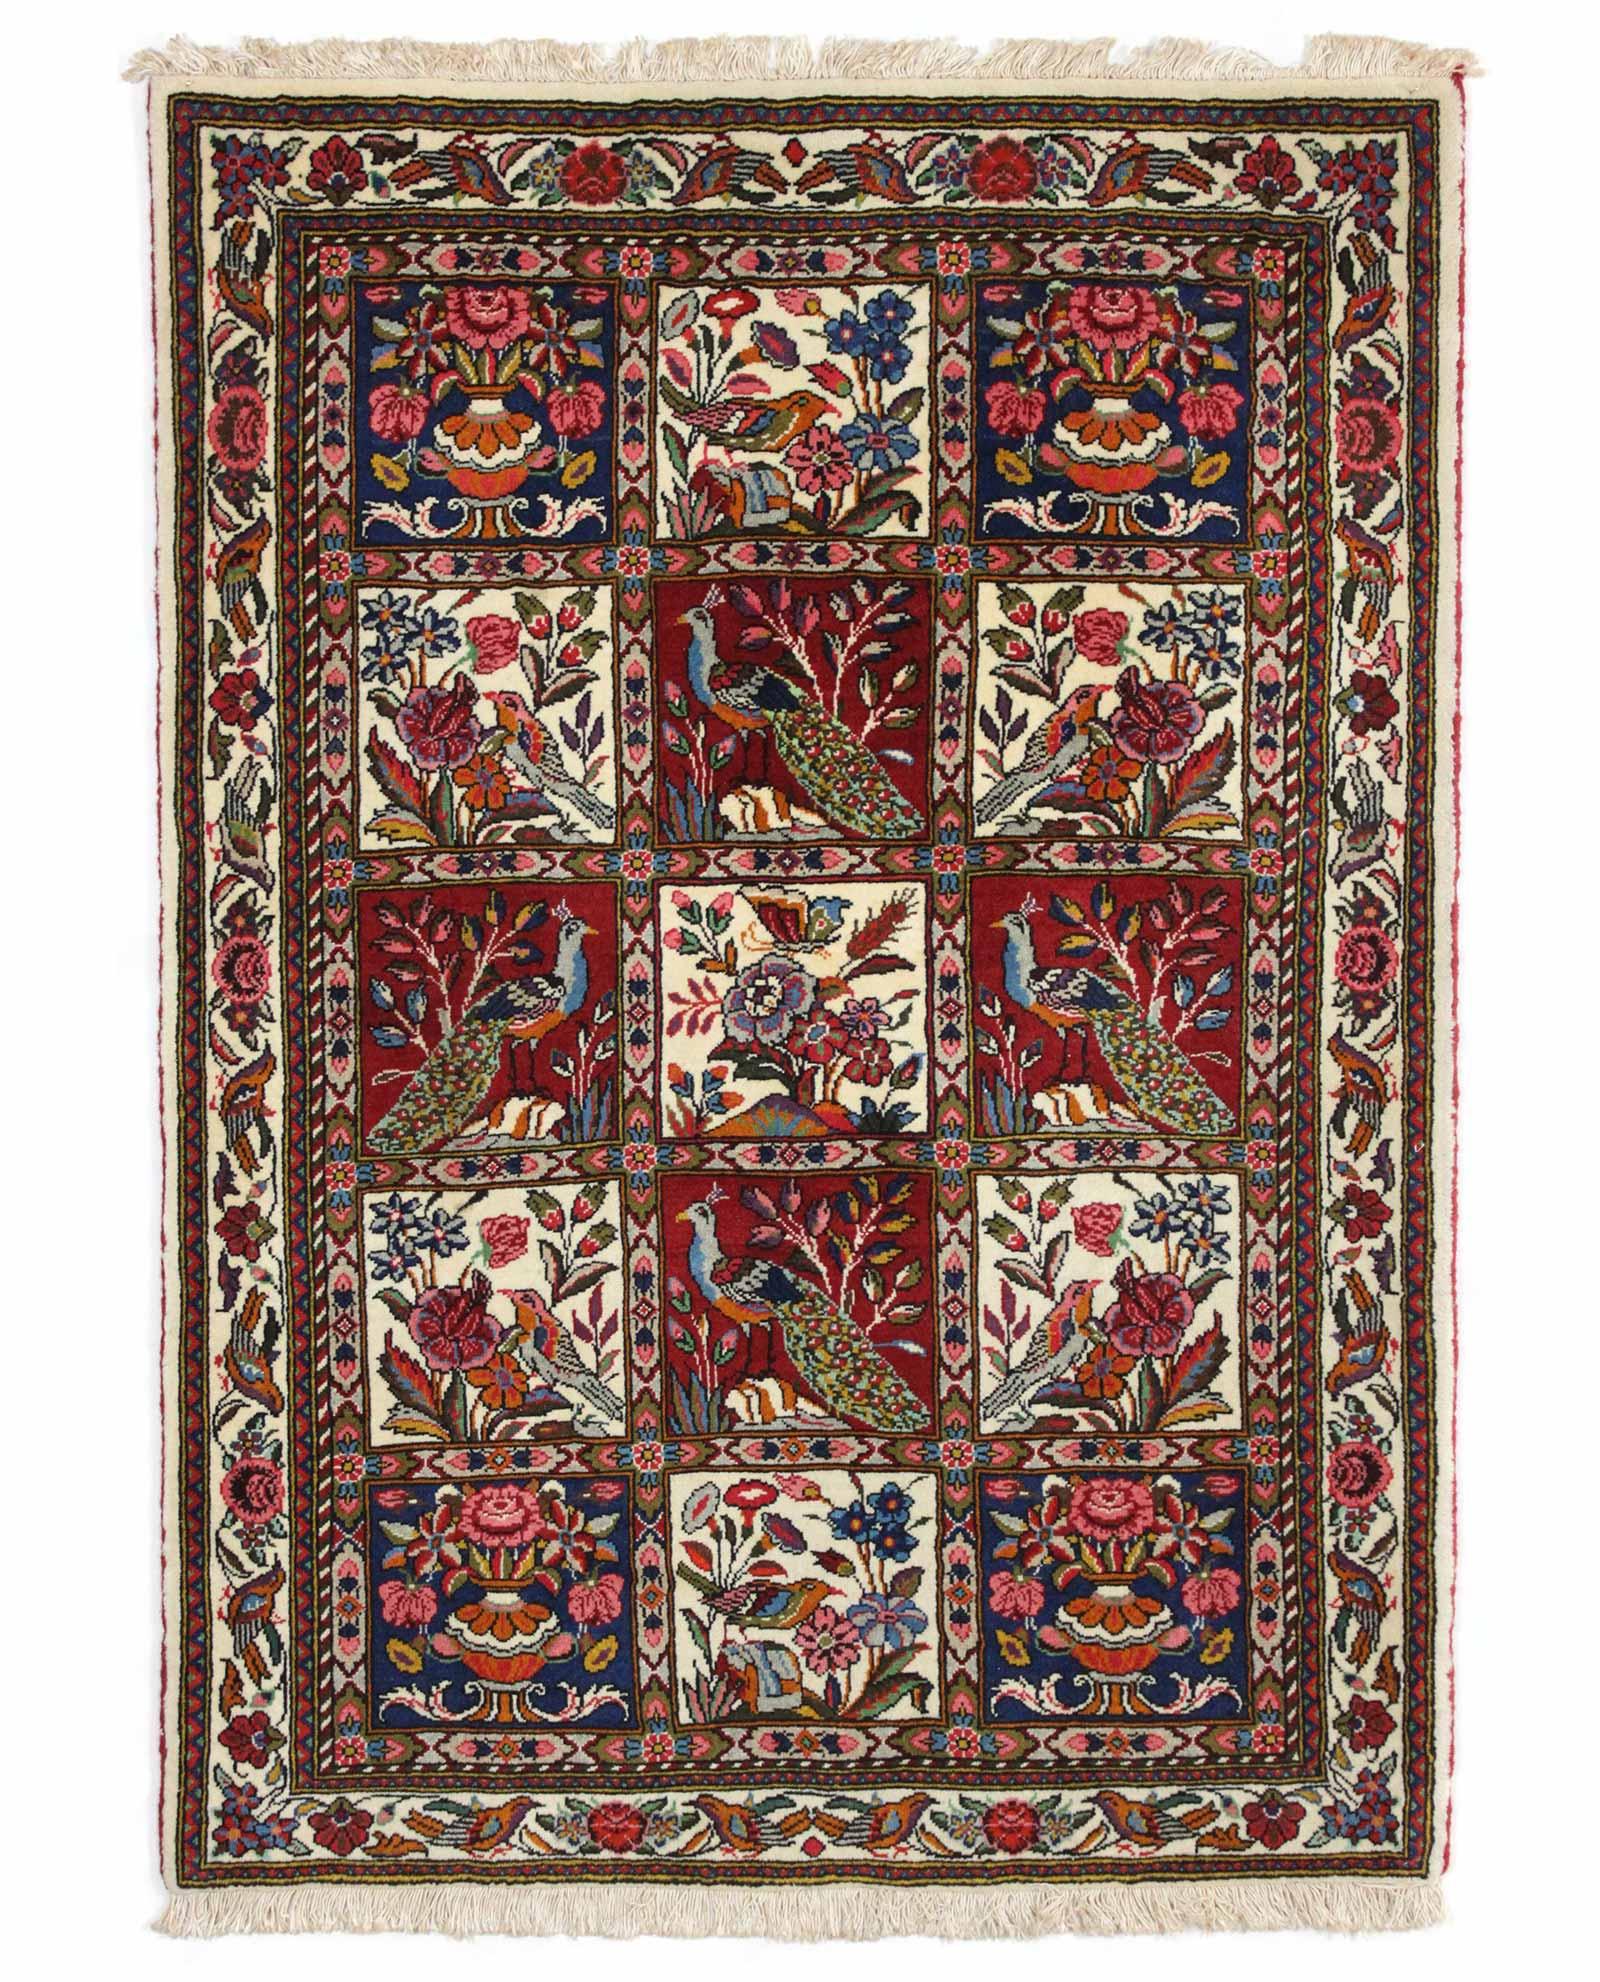 Top Tapis Persan Bakhtiar 13824 | Iranian Carpet XR61